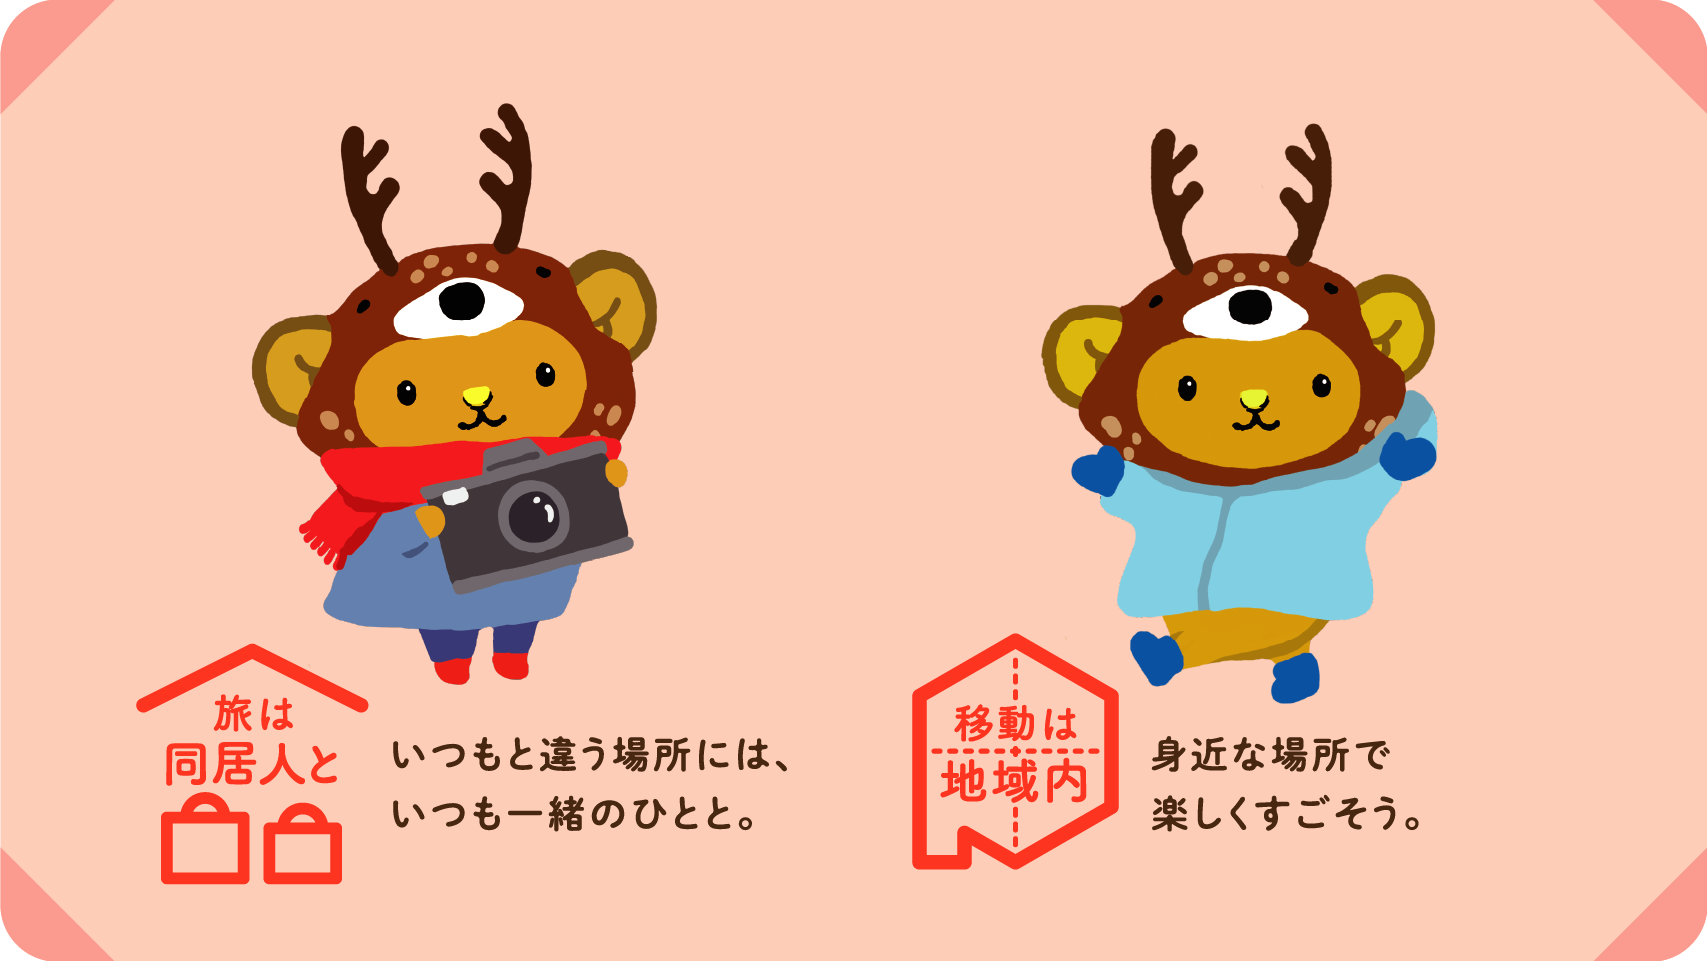 【新しい旅のスタイル】【おとふけ割】予約受付中!!